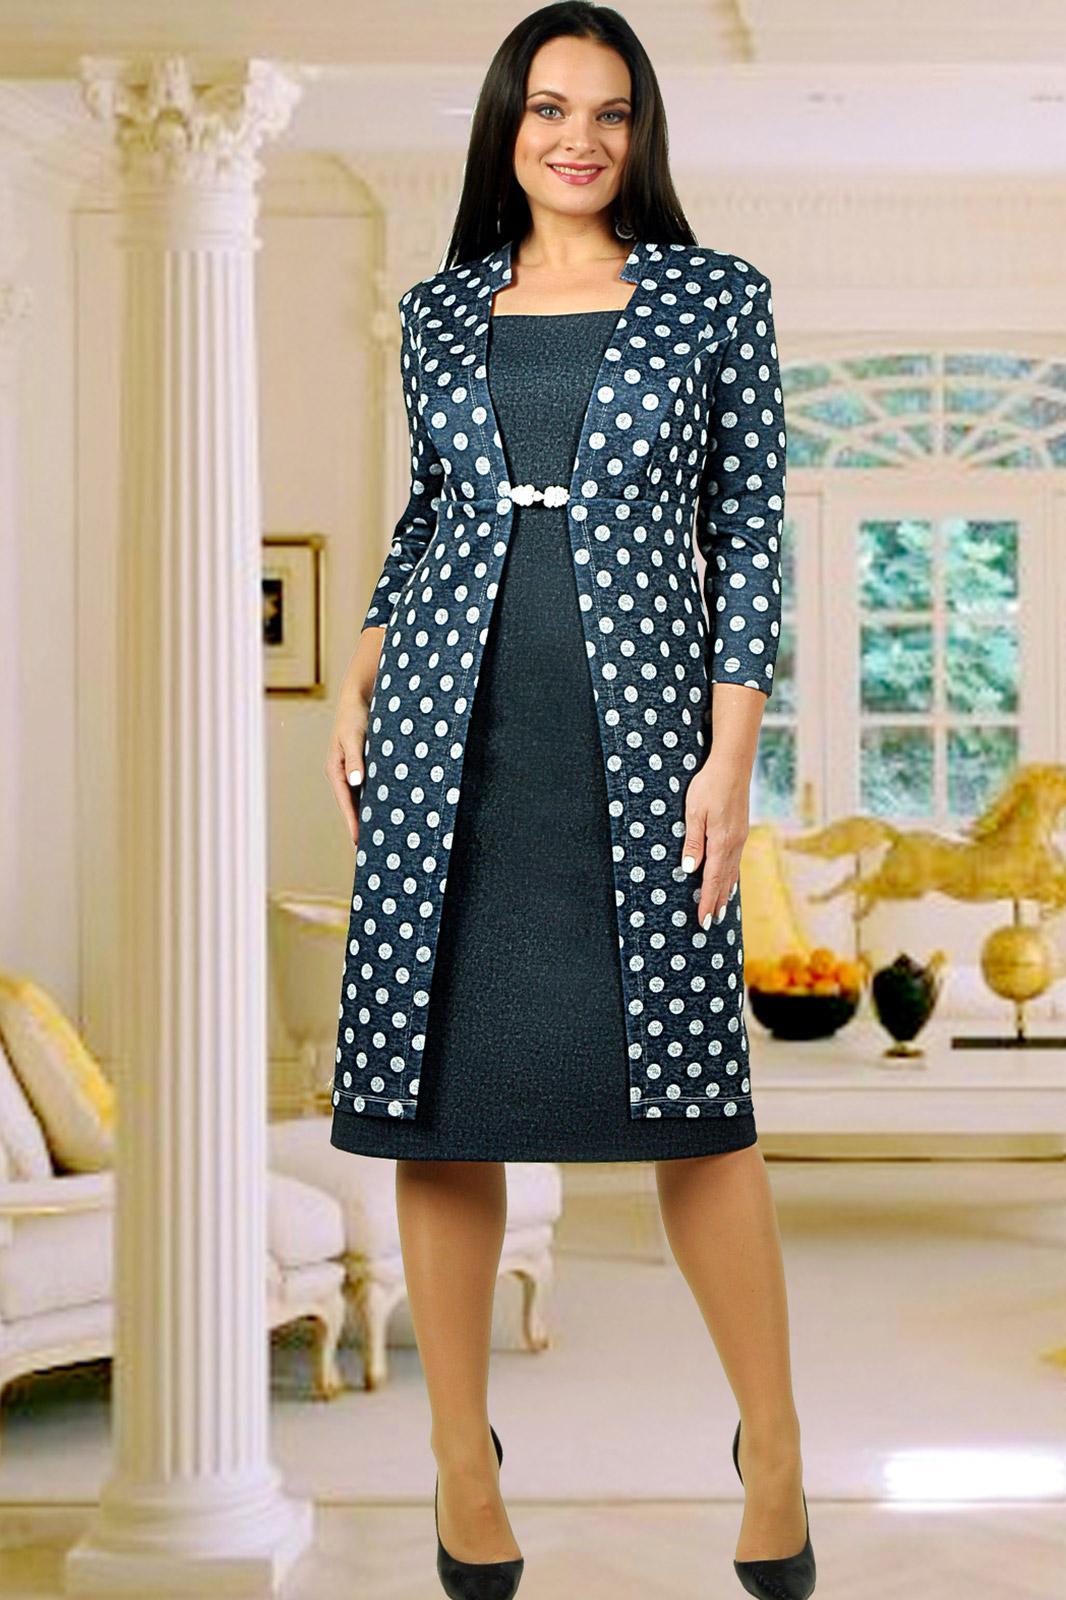 Купить Платье Тэнси, 215 темные тона в горохи, Беларусь